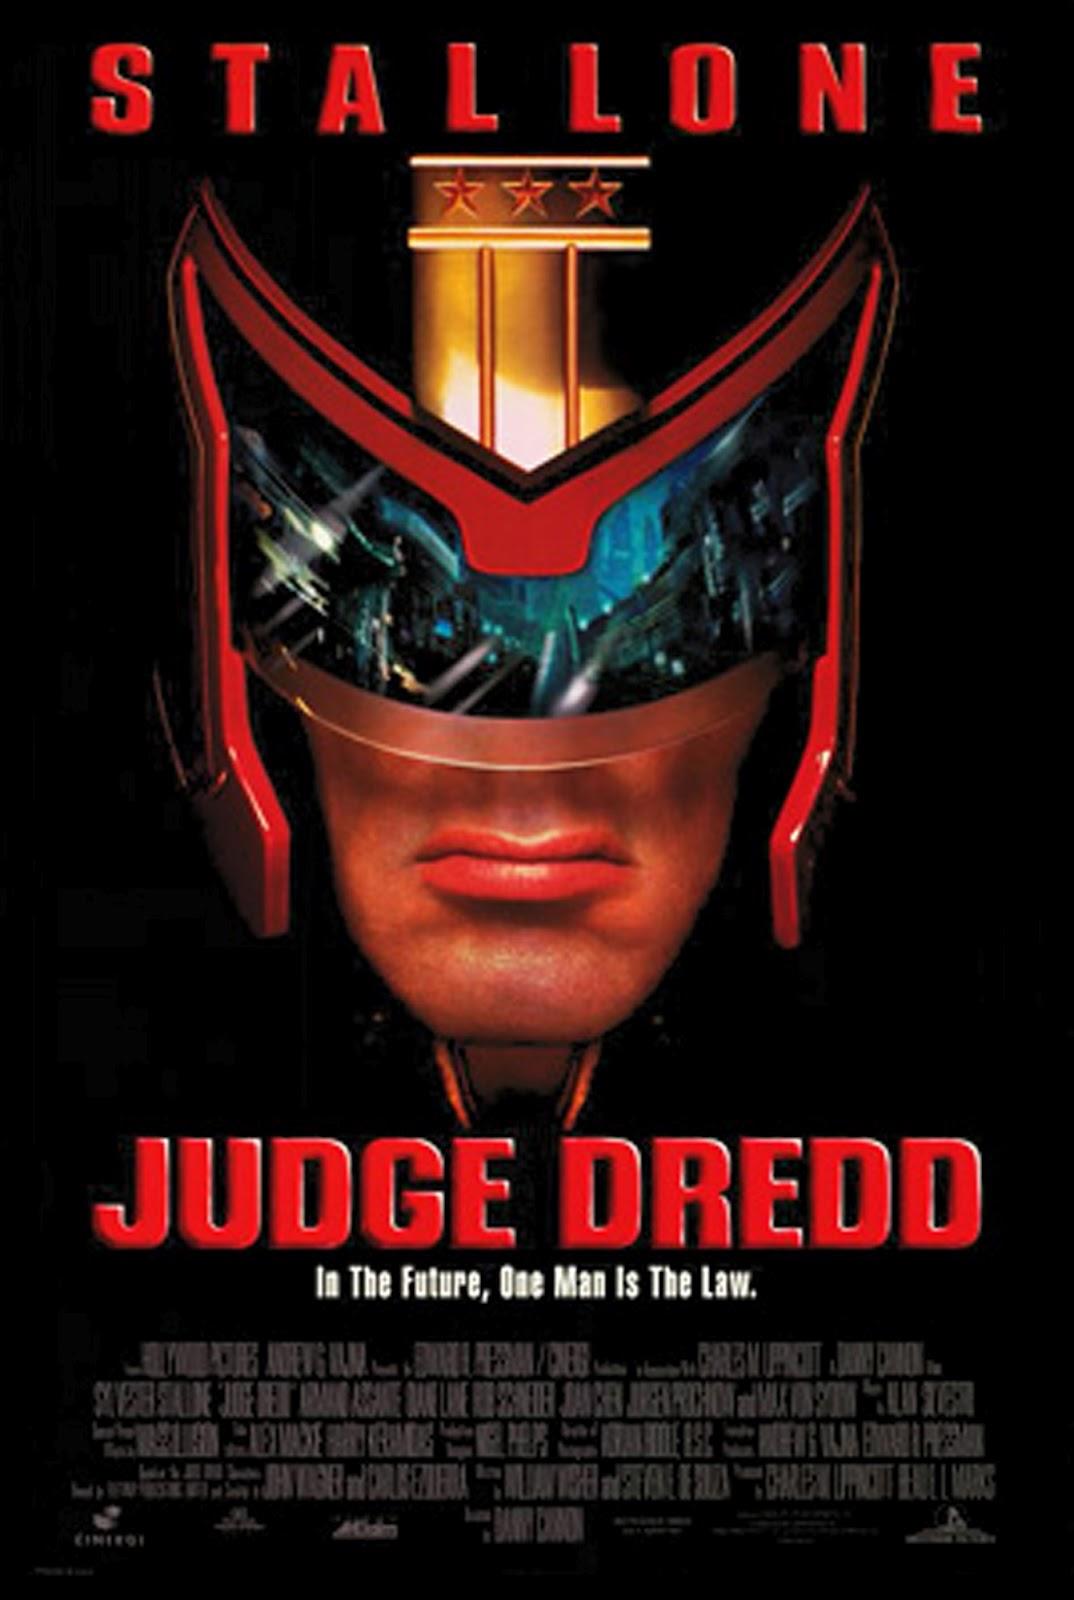 Judge Dredd (1995 film) - Judge Dredd Wiki